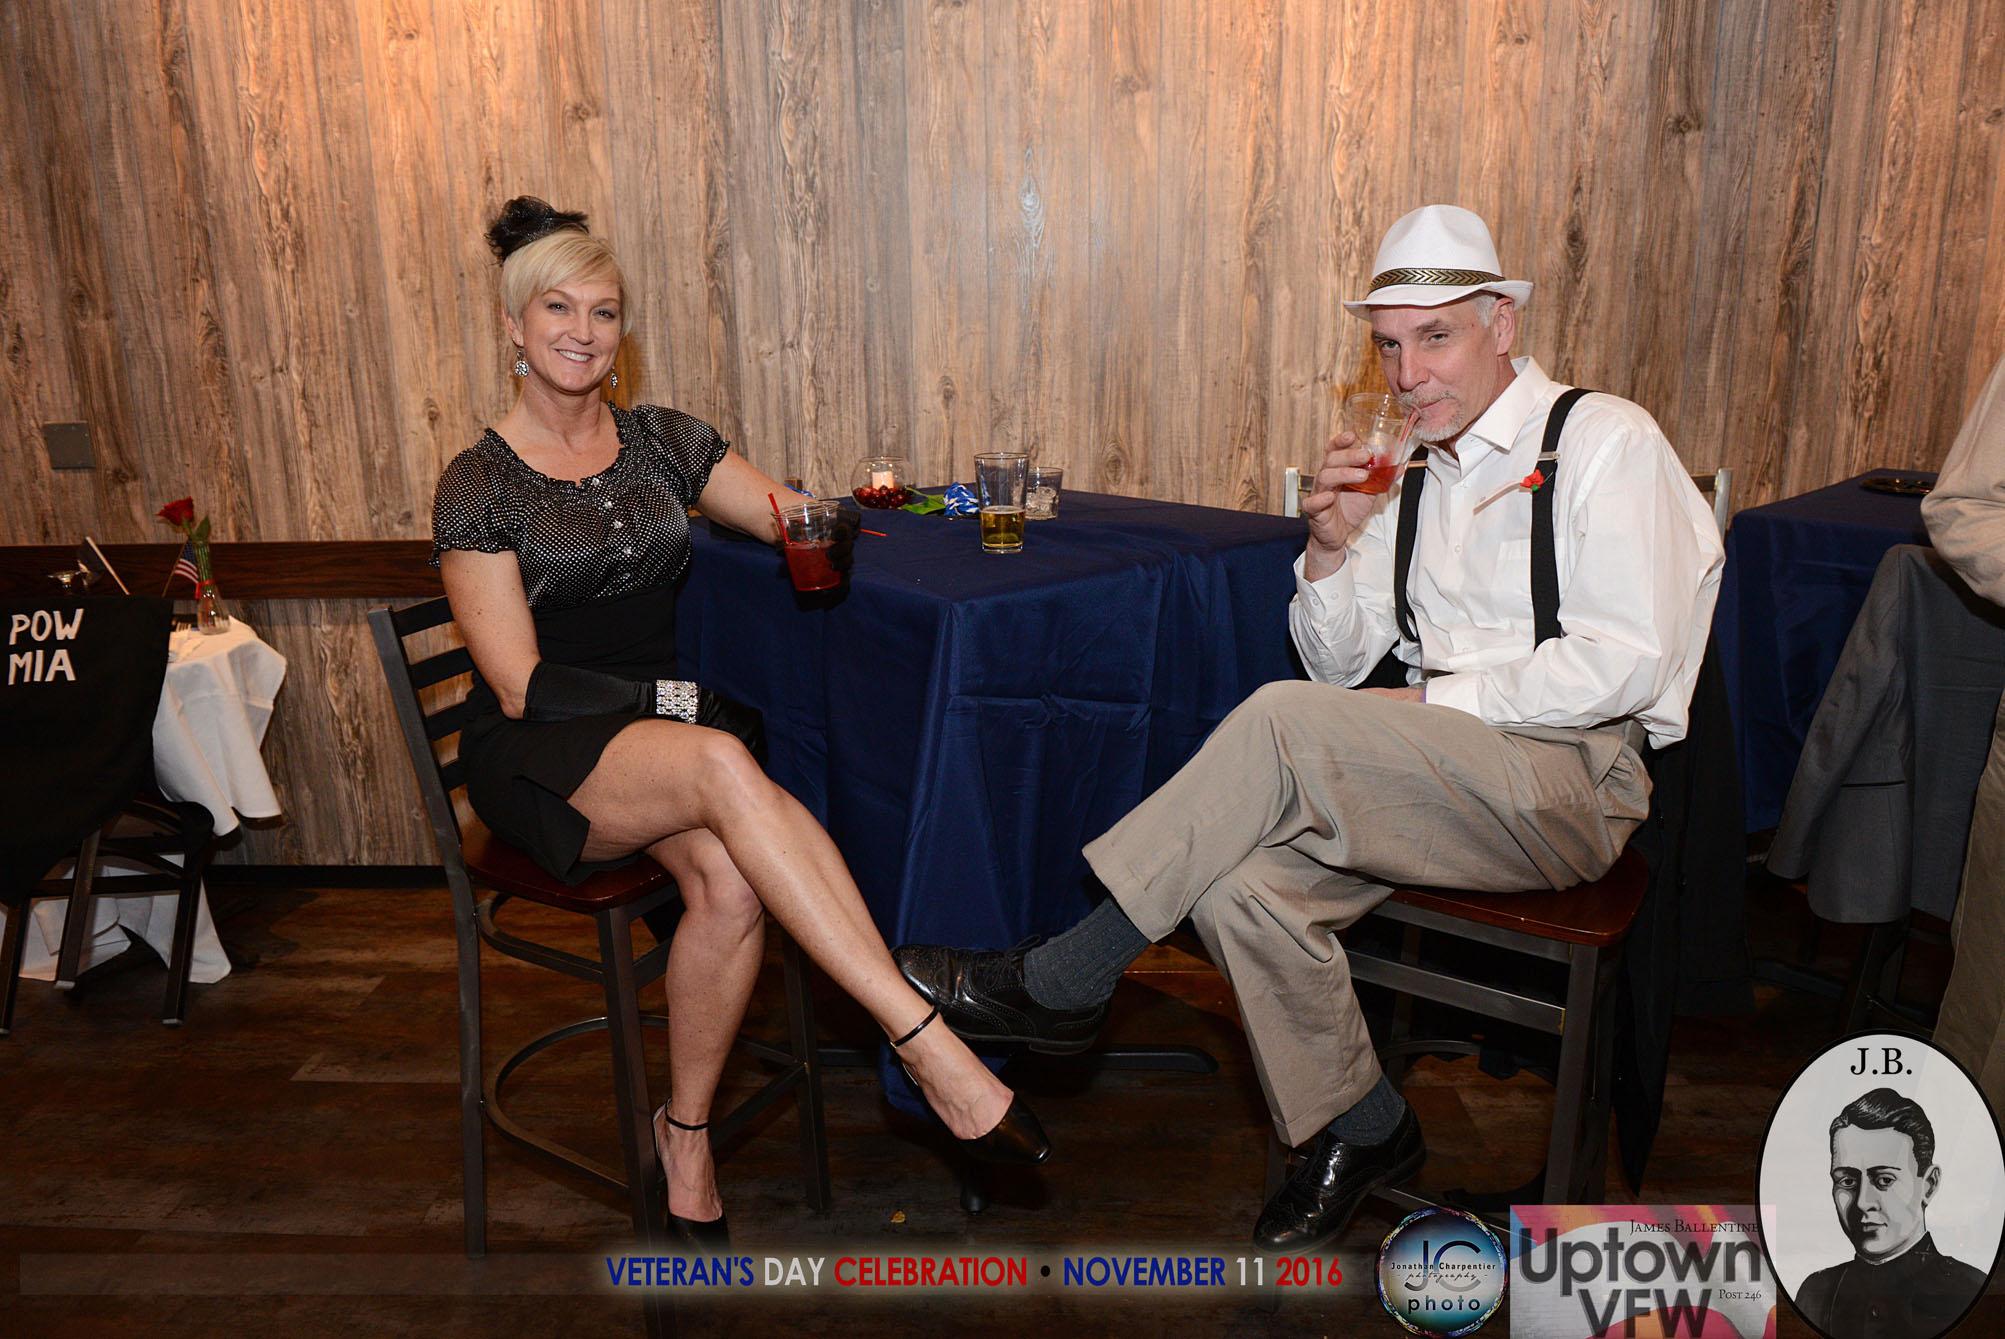 jb-veterans-day-couple-portrait